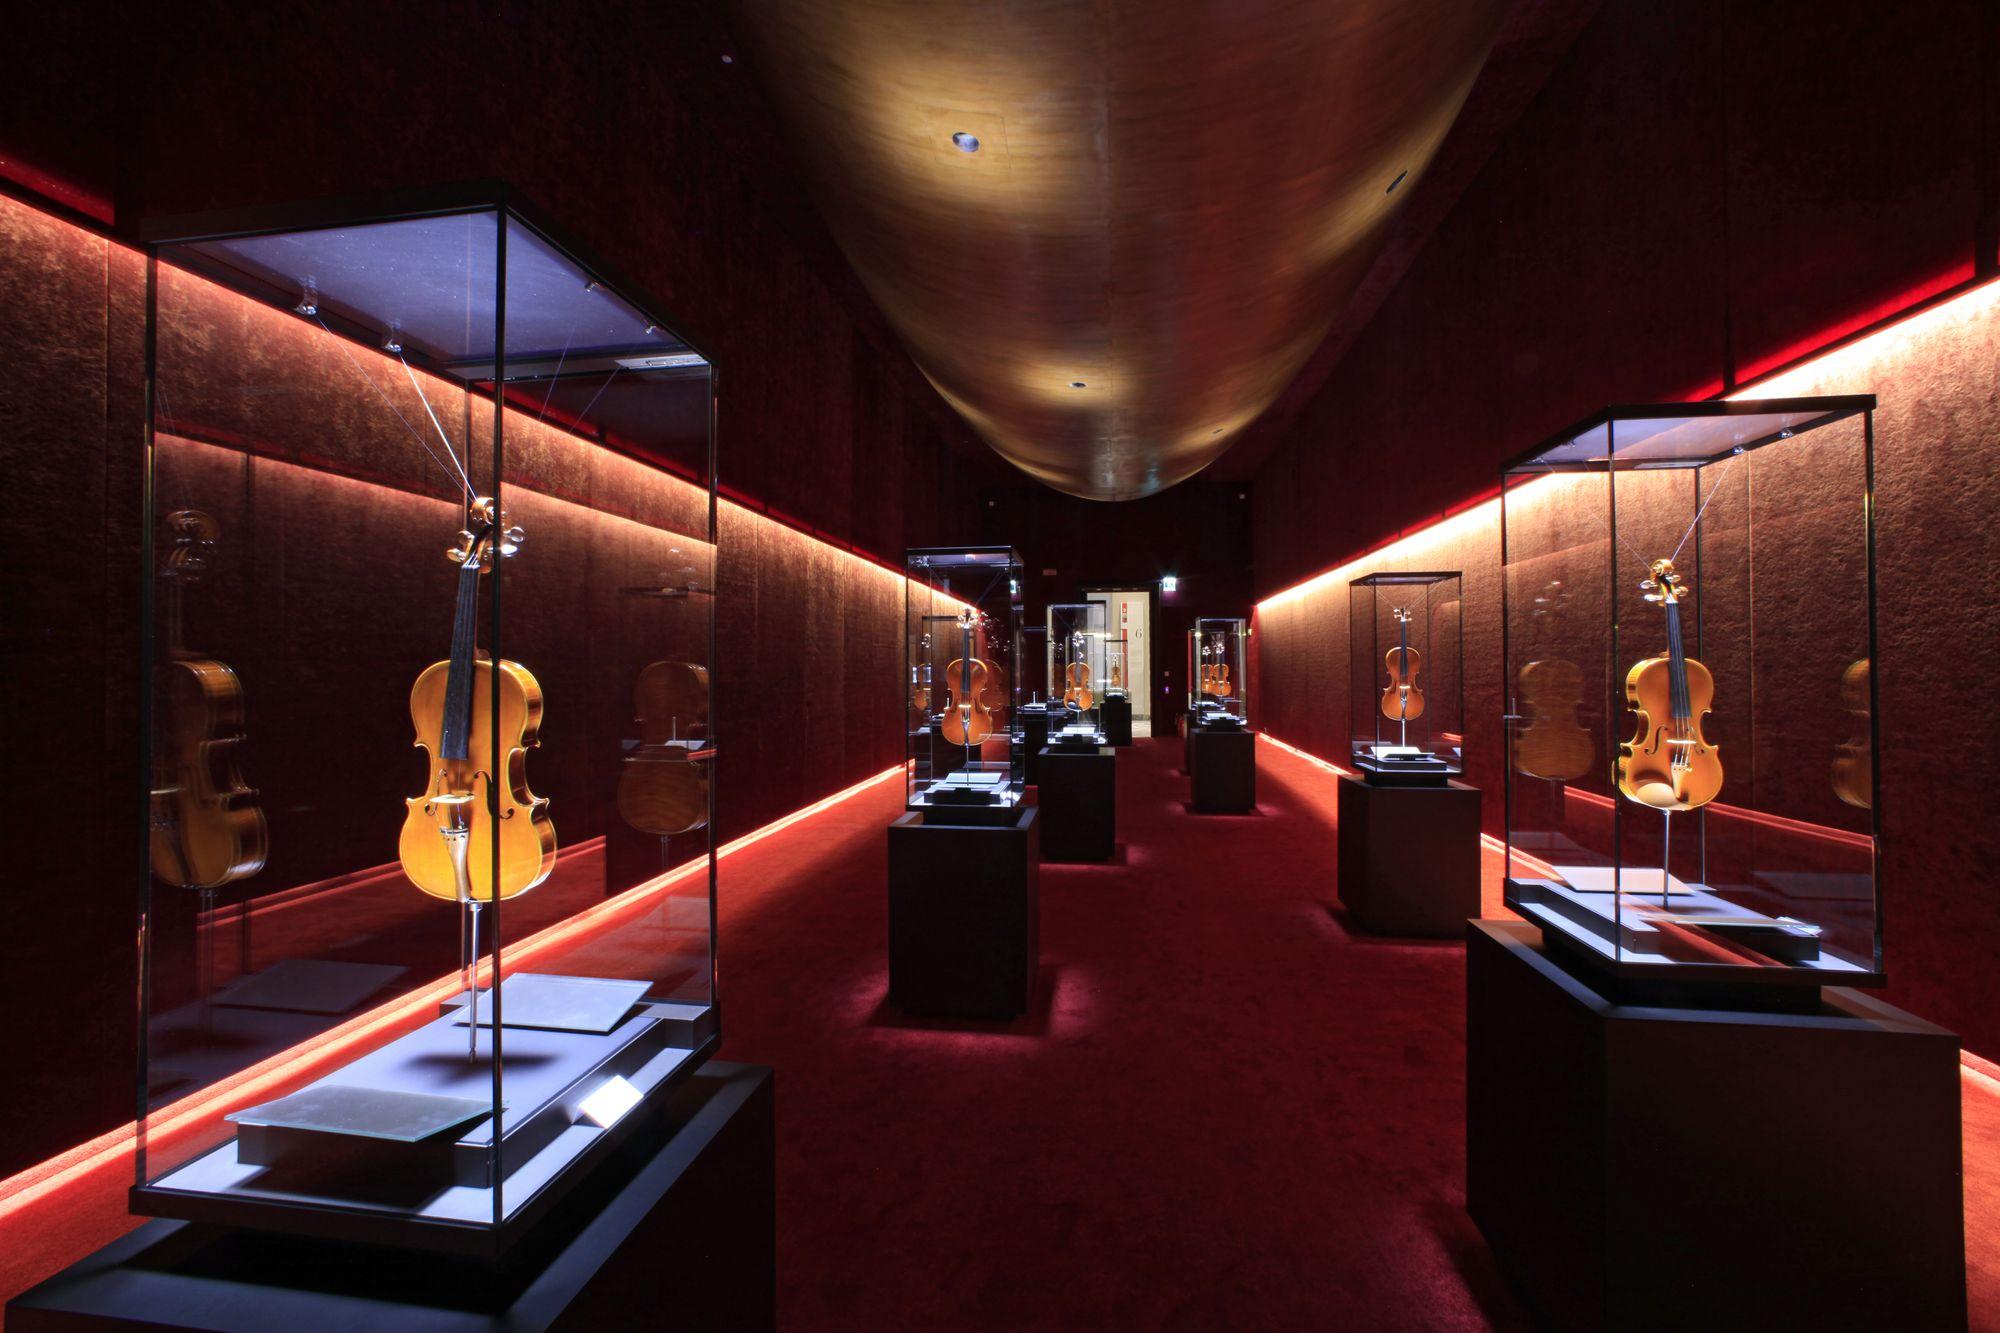 La sala dei gioielli